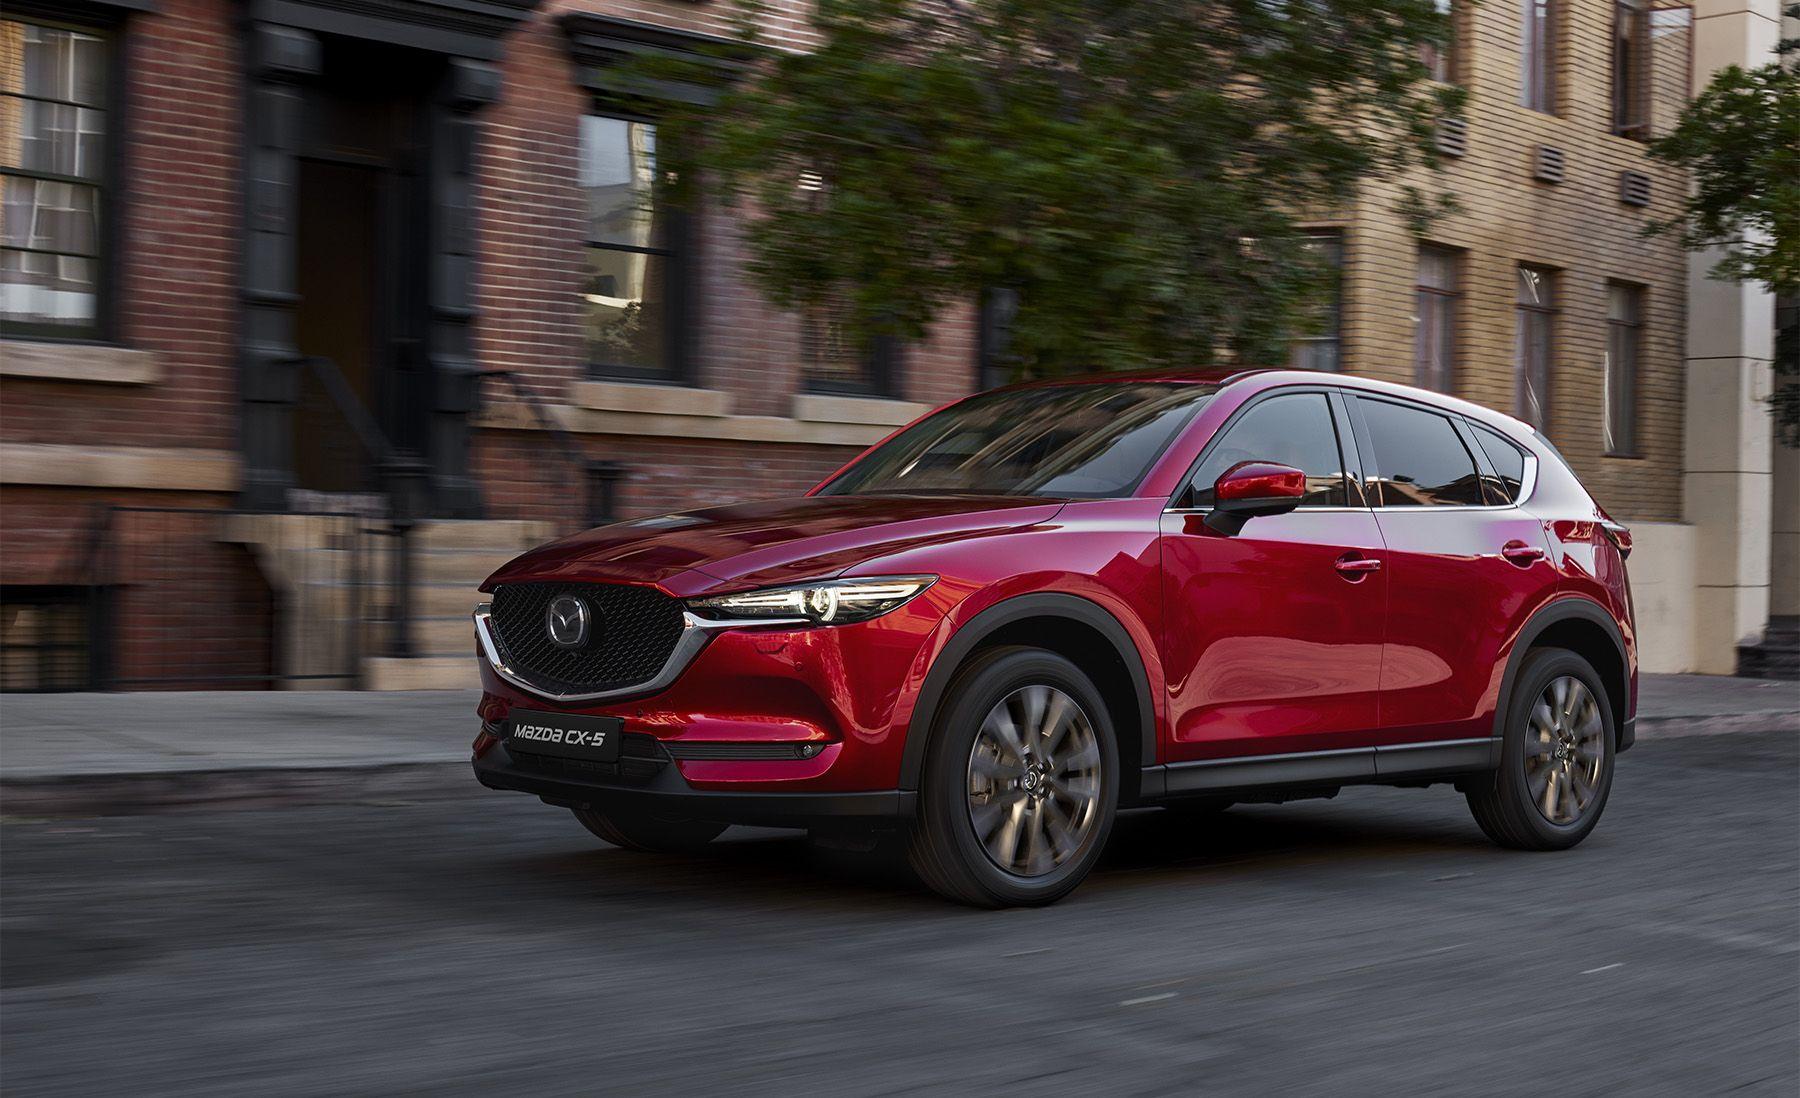 ¡¡RENTING!! Mazda CX5 por 349,90€/mes